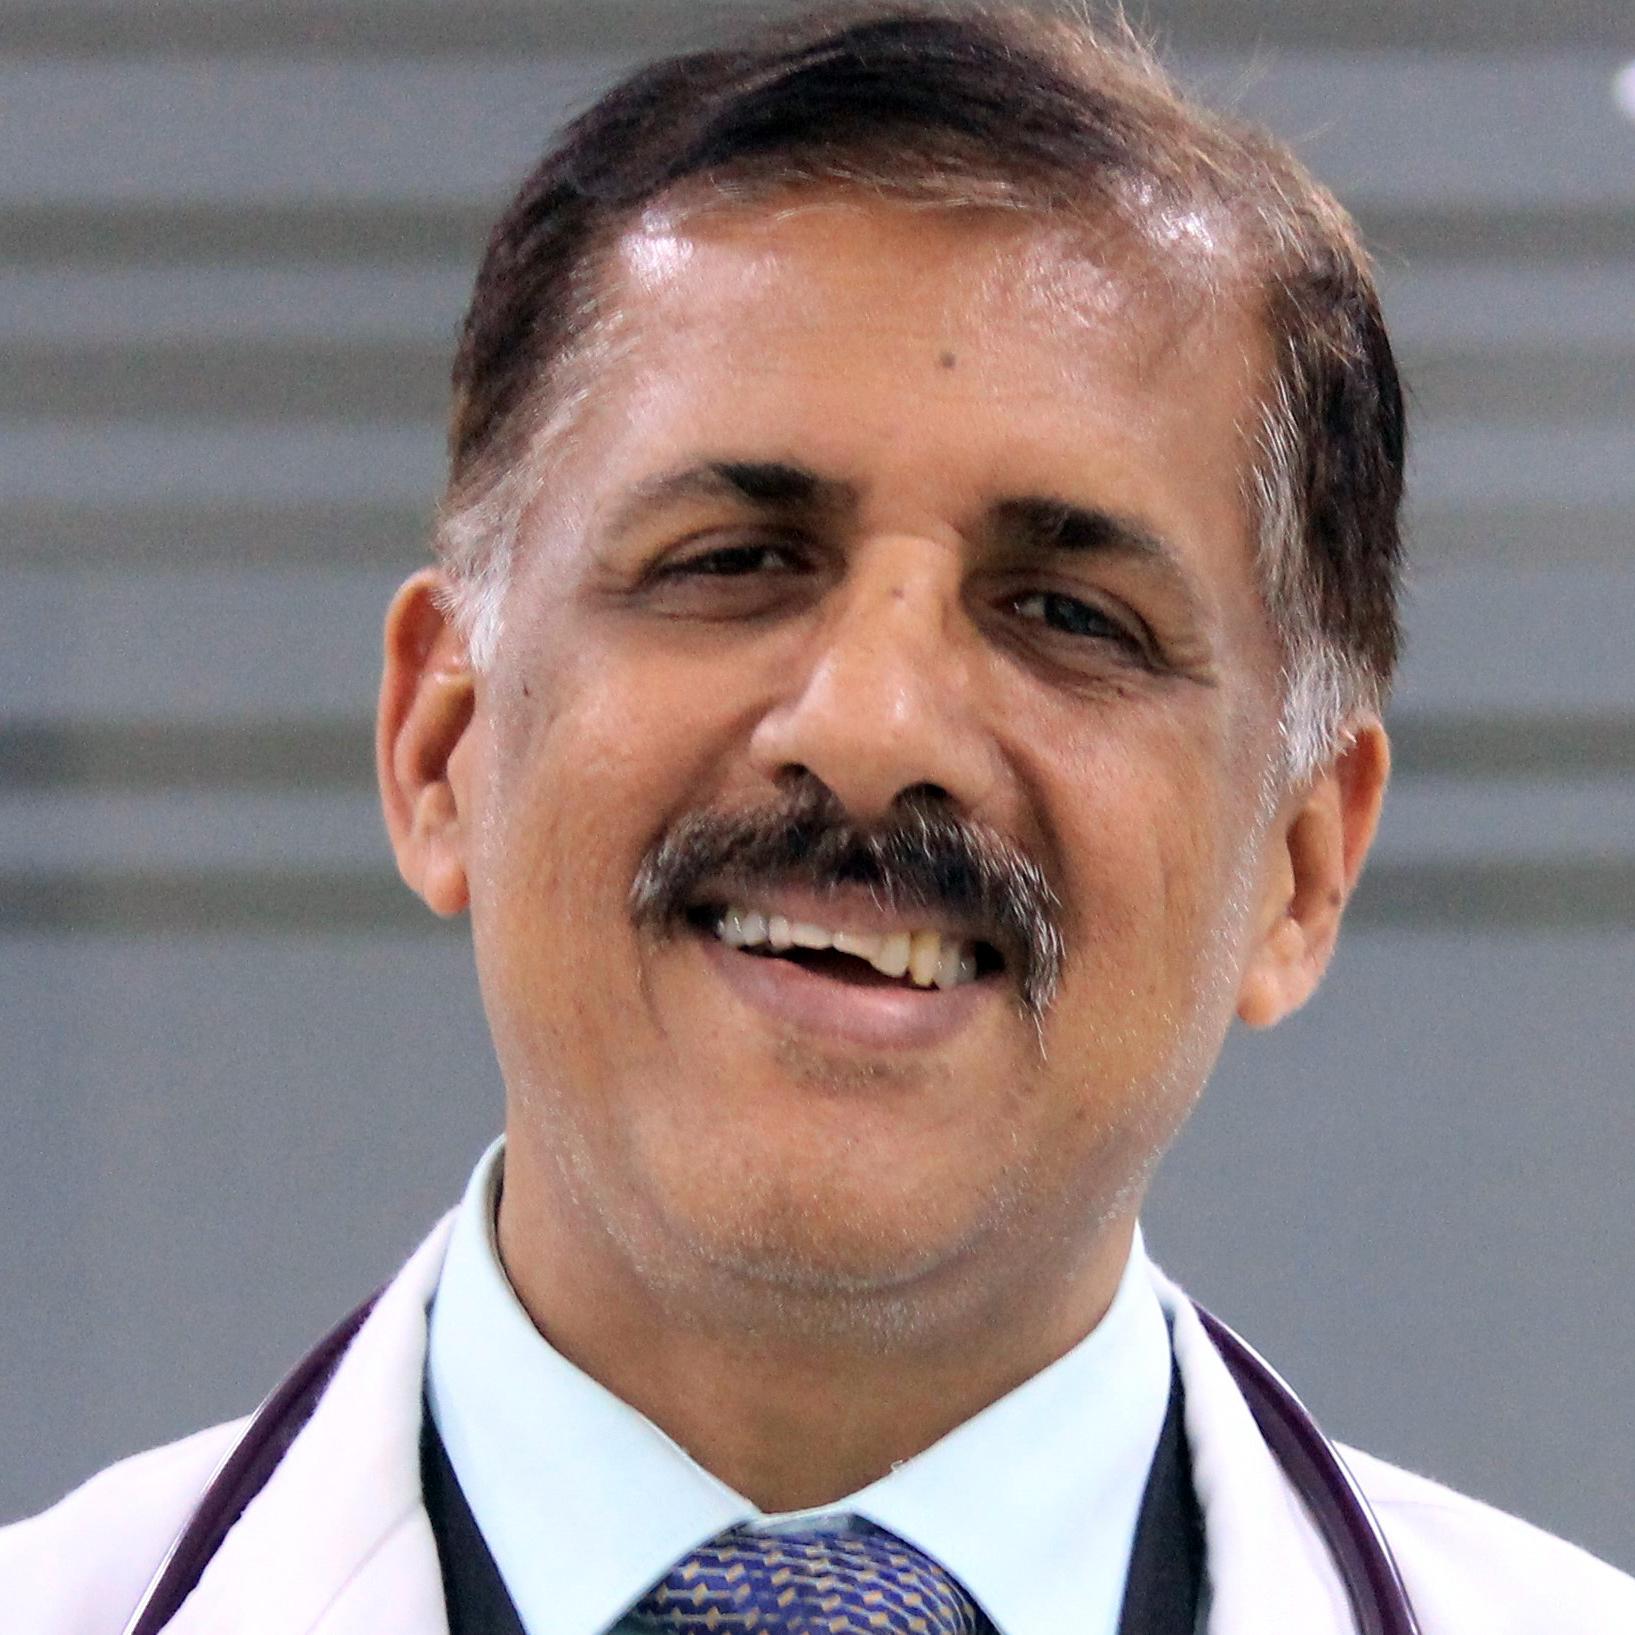 Prof. Roy Abraham Kallivayalil